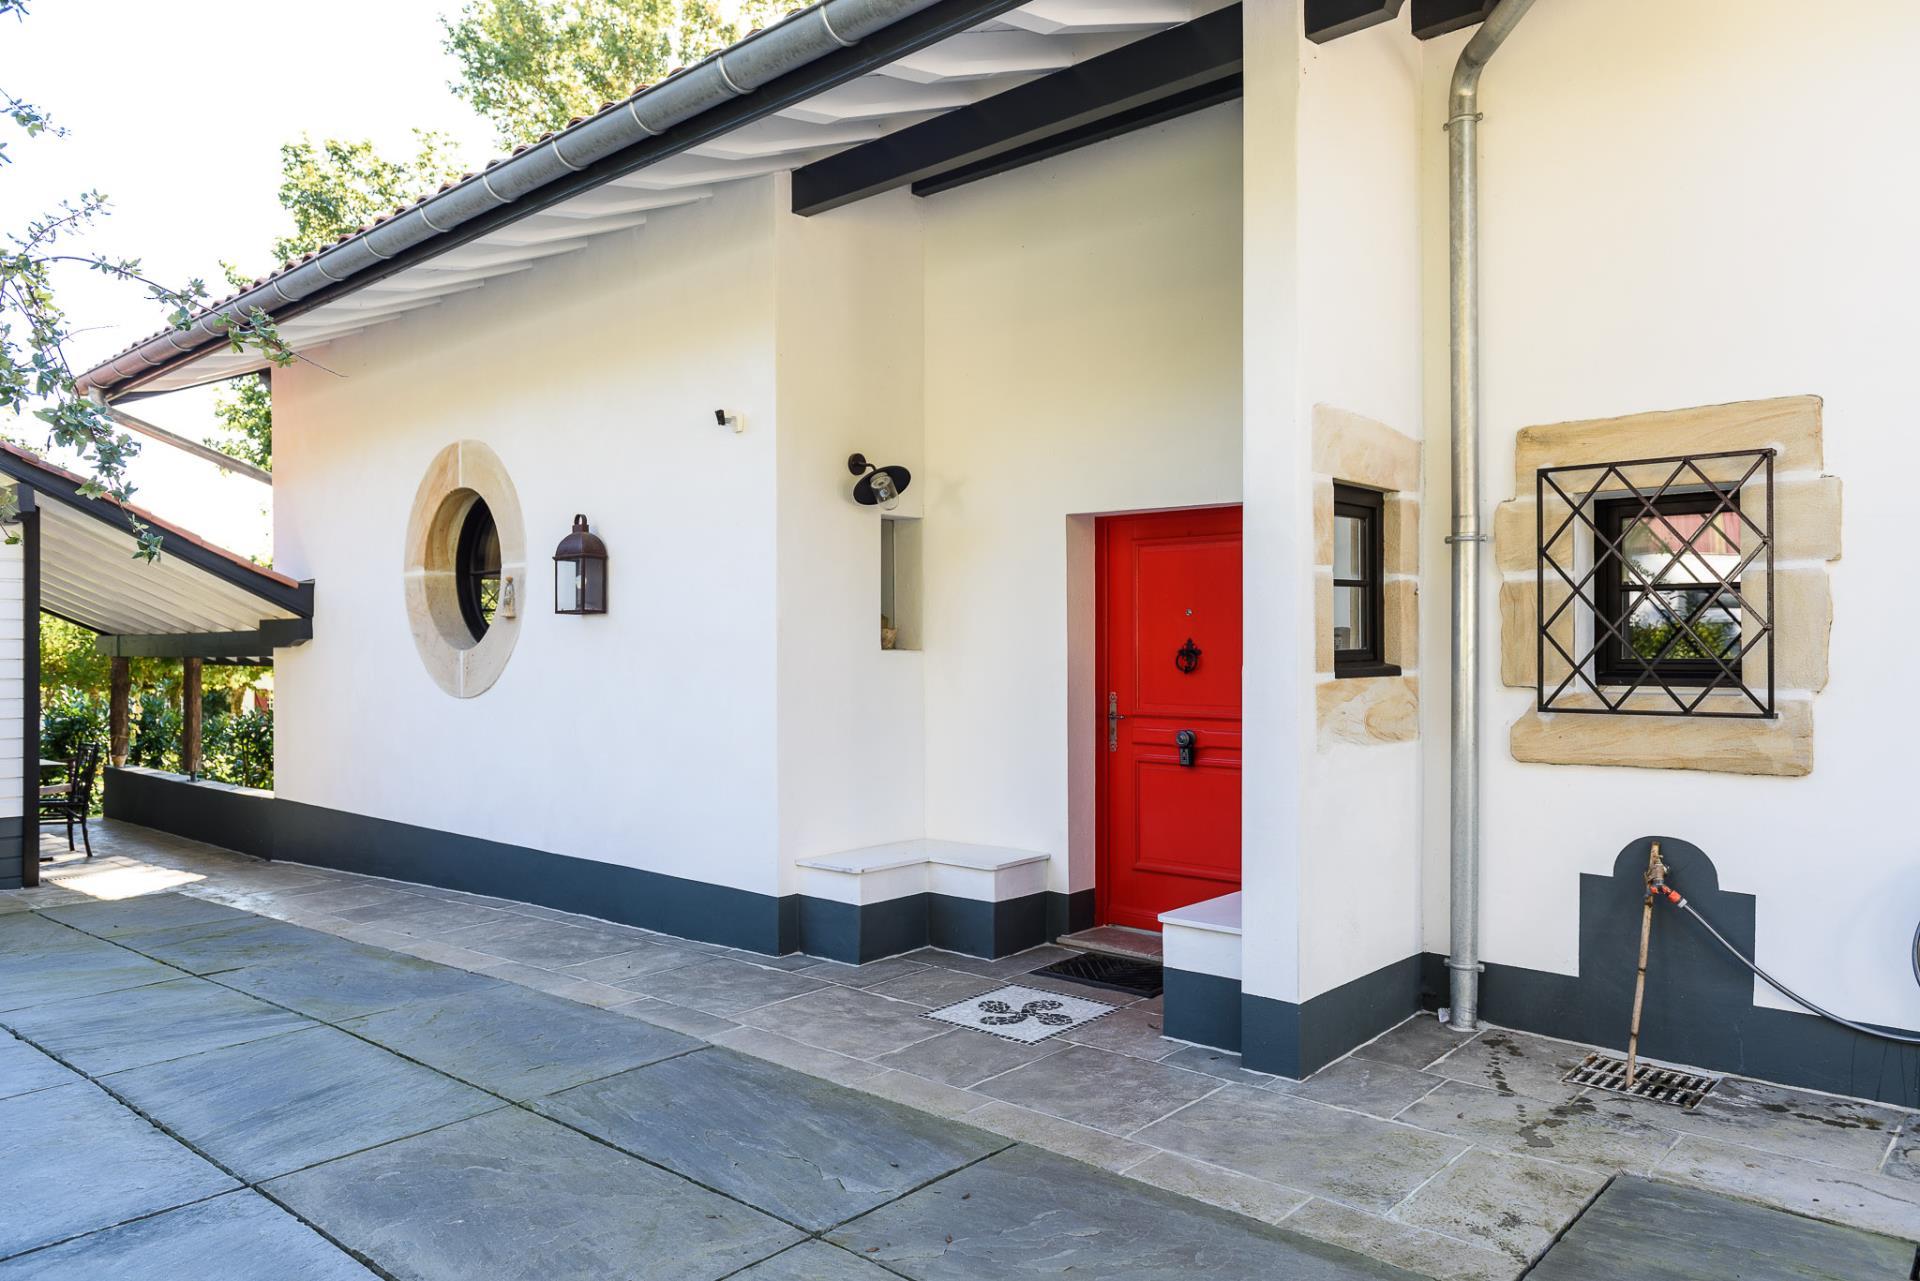 transformation et agrandissement d 39 un garage en maison d. Black Bedroom Furniture Sets. Home Design Ideas